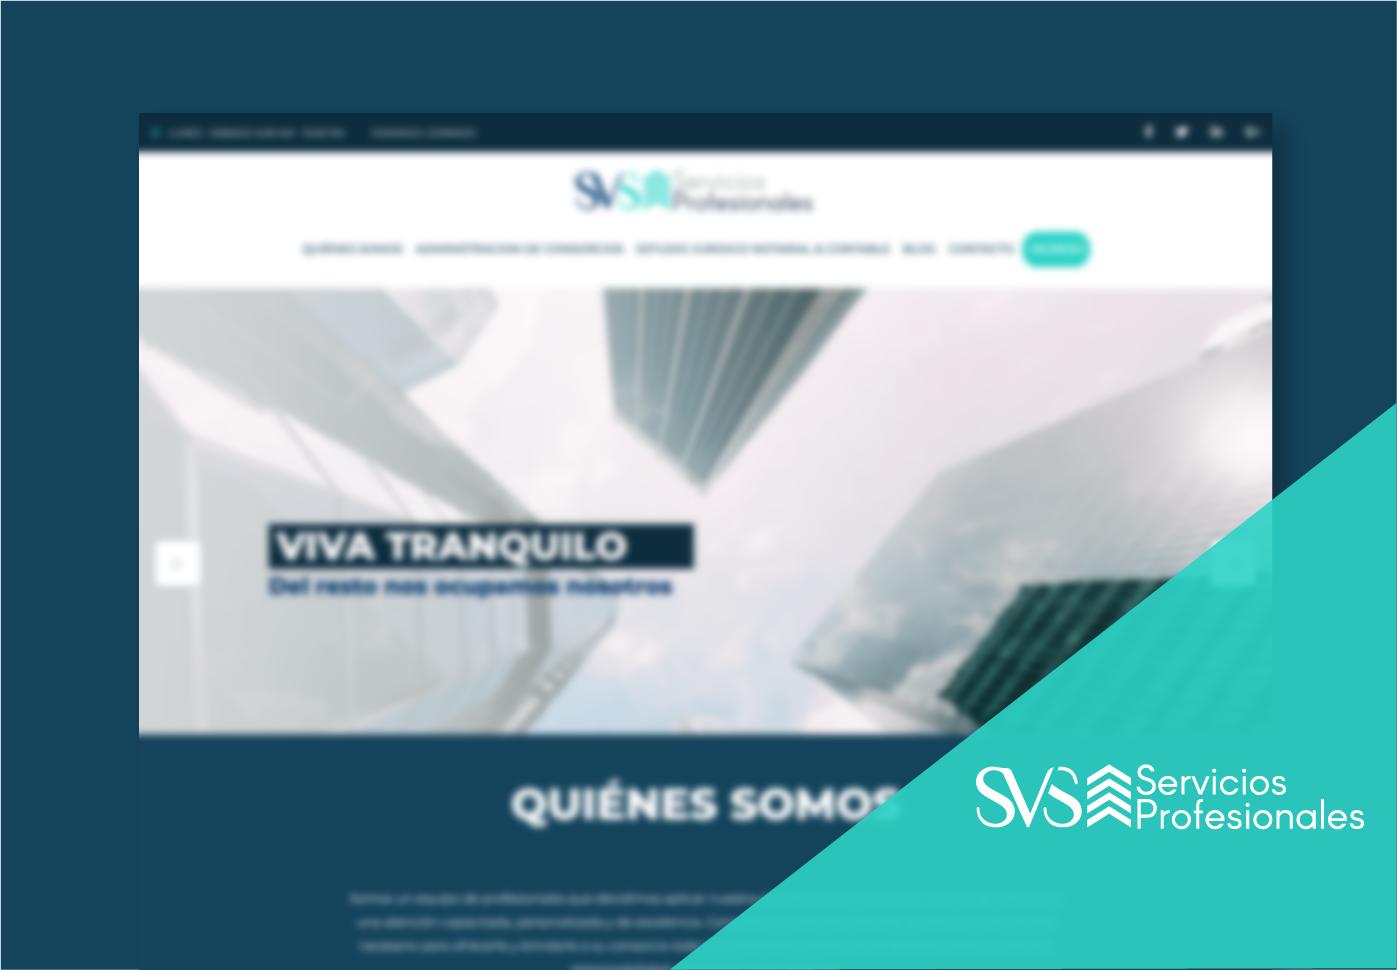 SVS Servicios Profesionales: sitio web con área de clientes